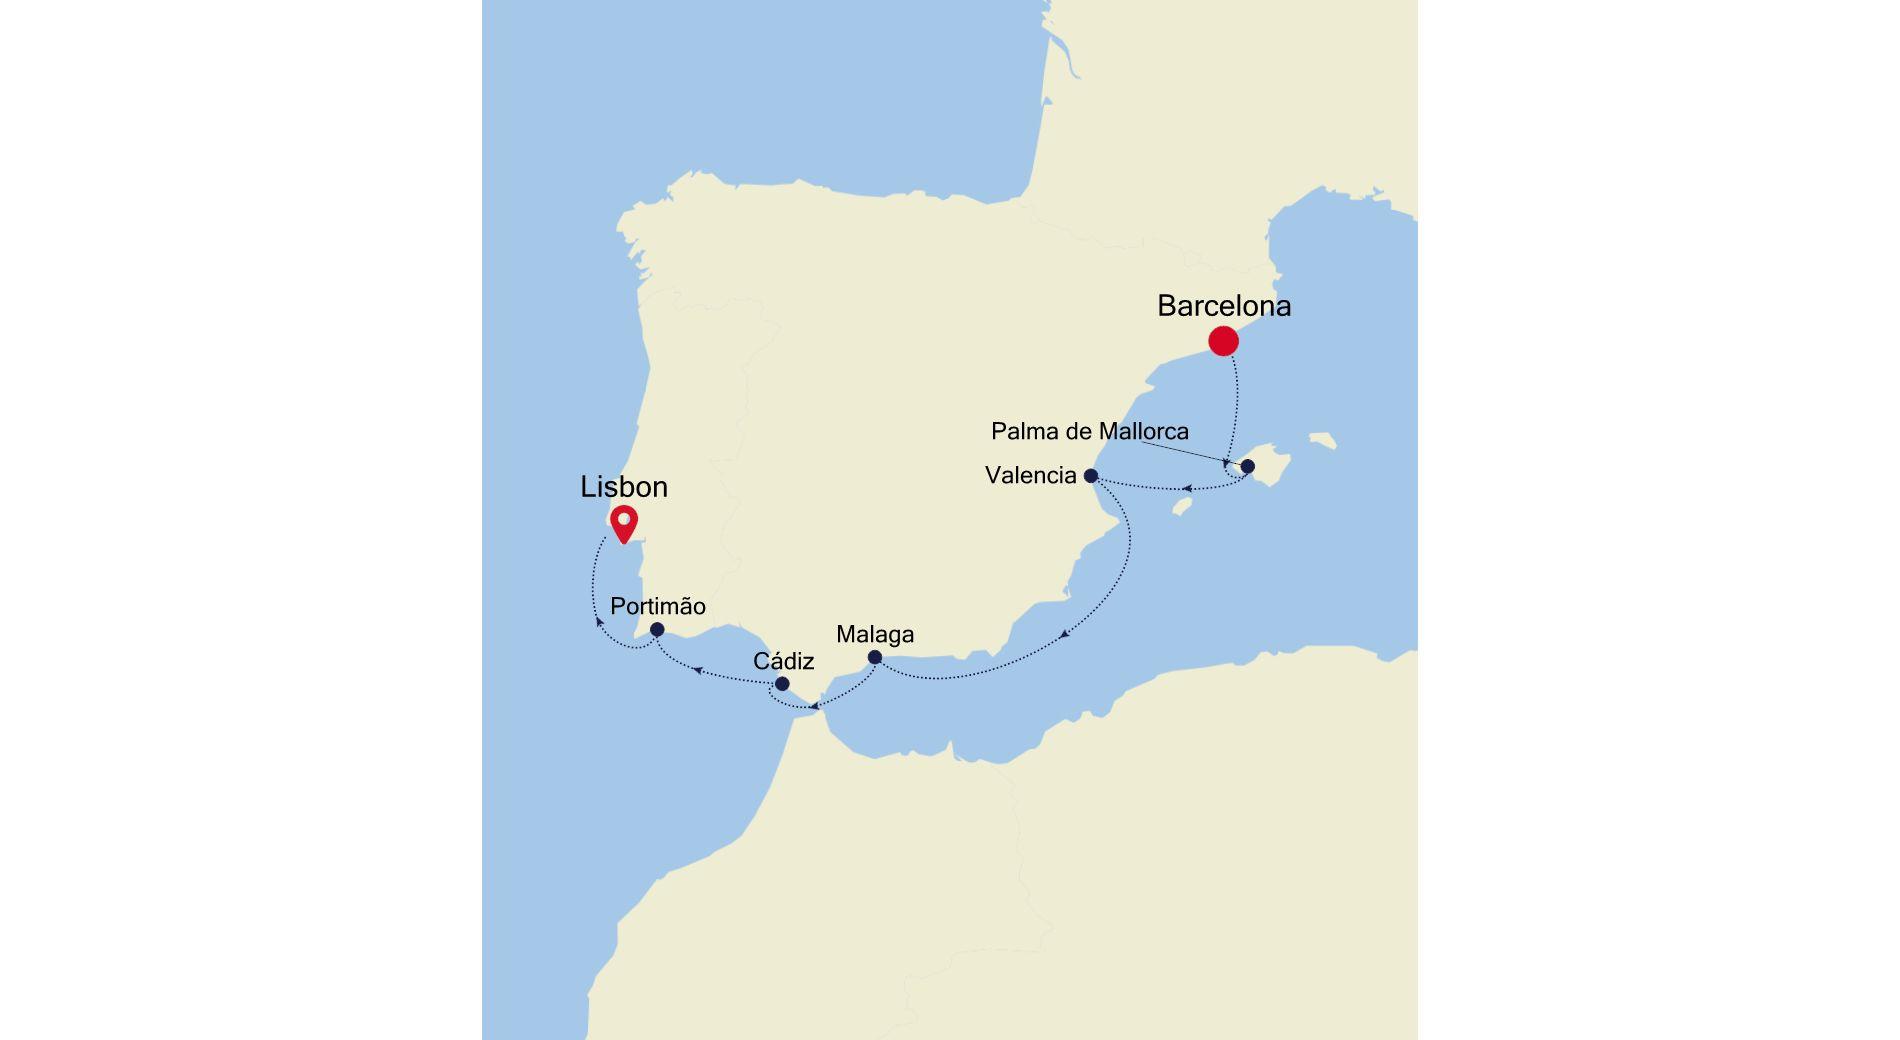 3922 - Barcelona to Lisbon